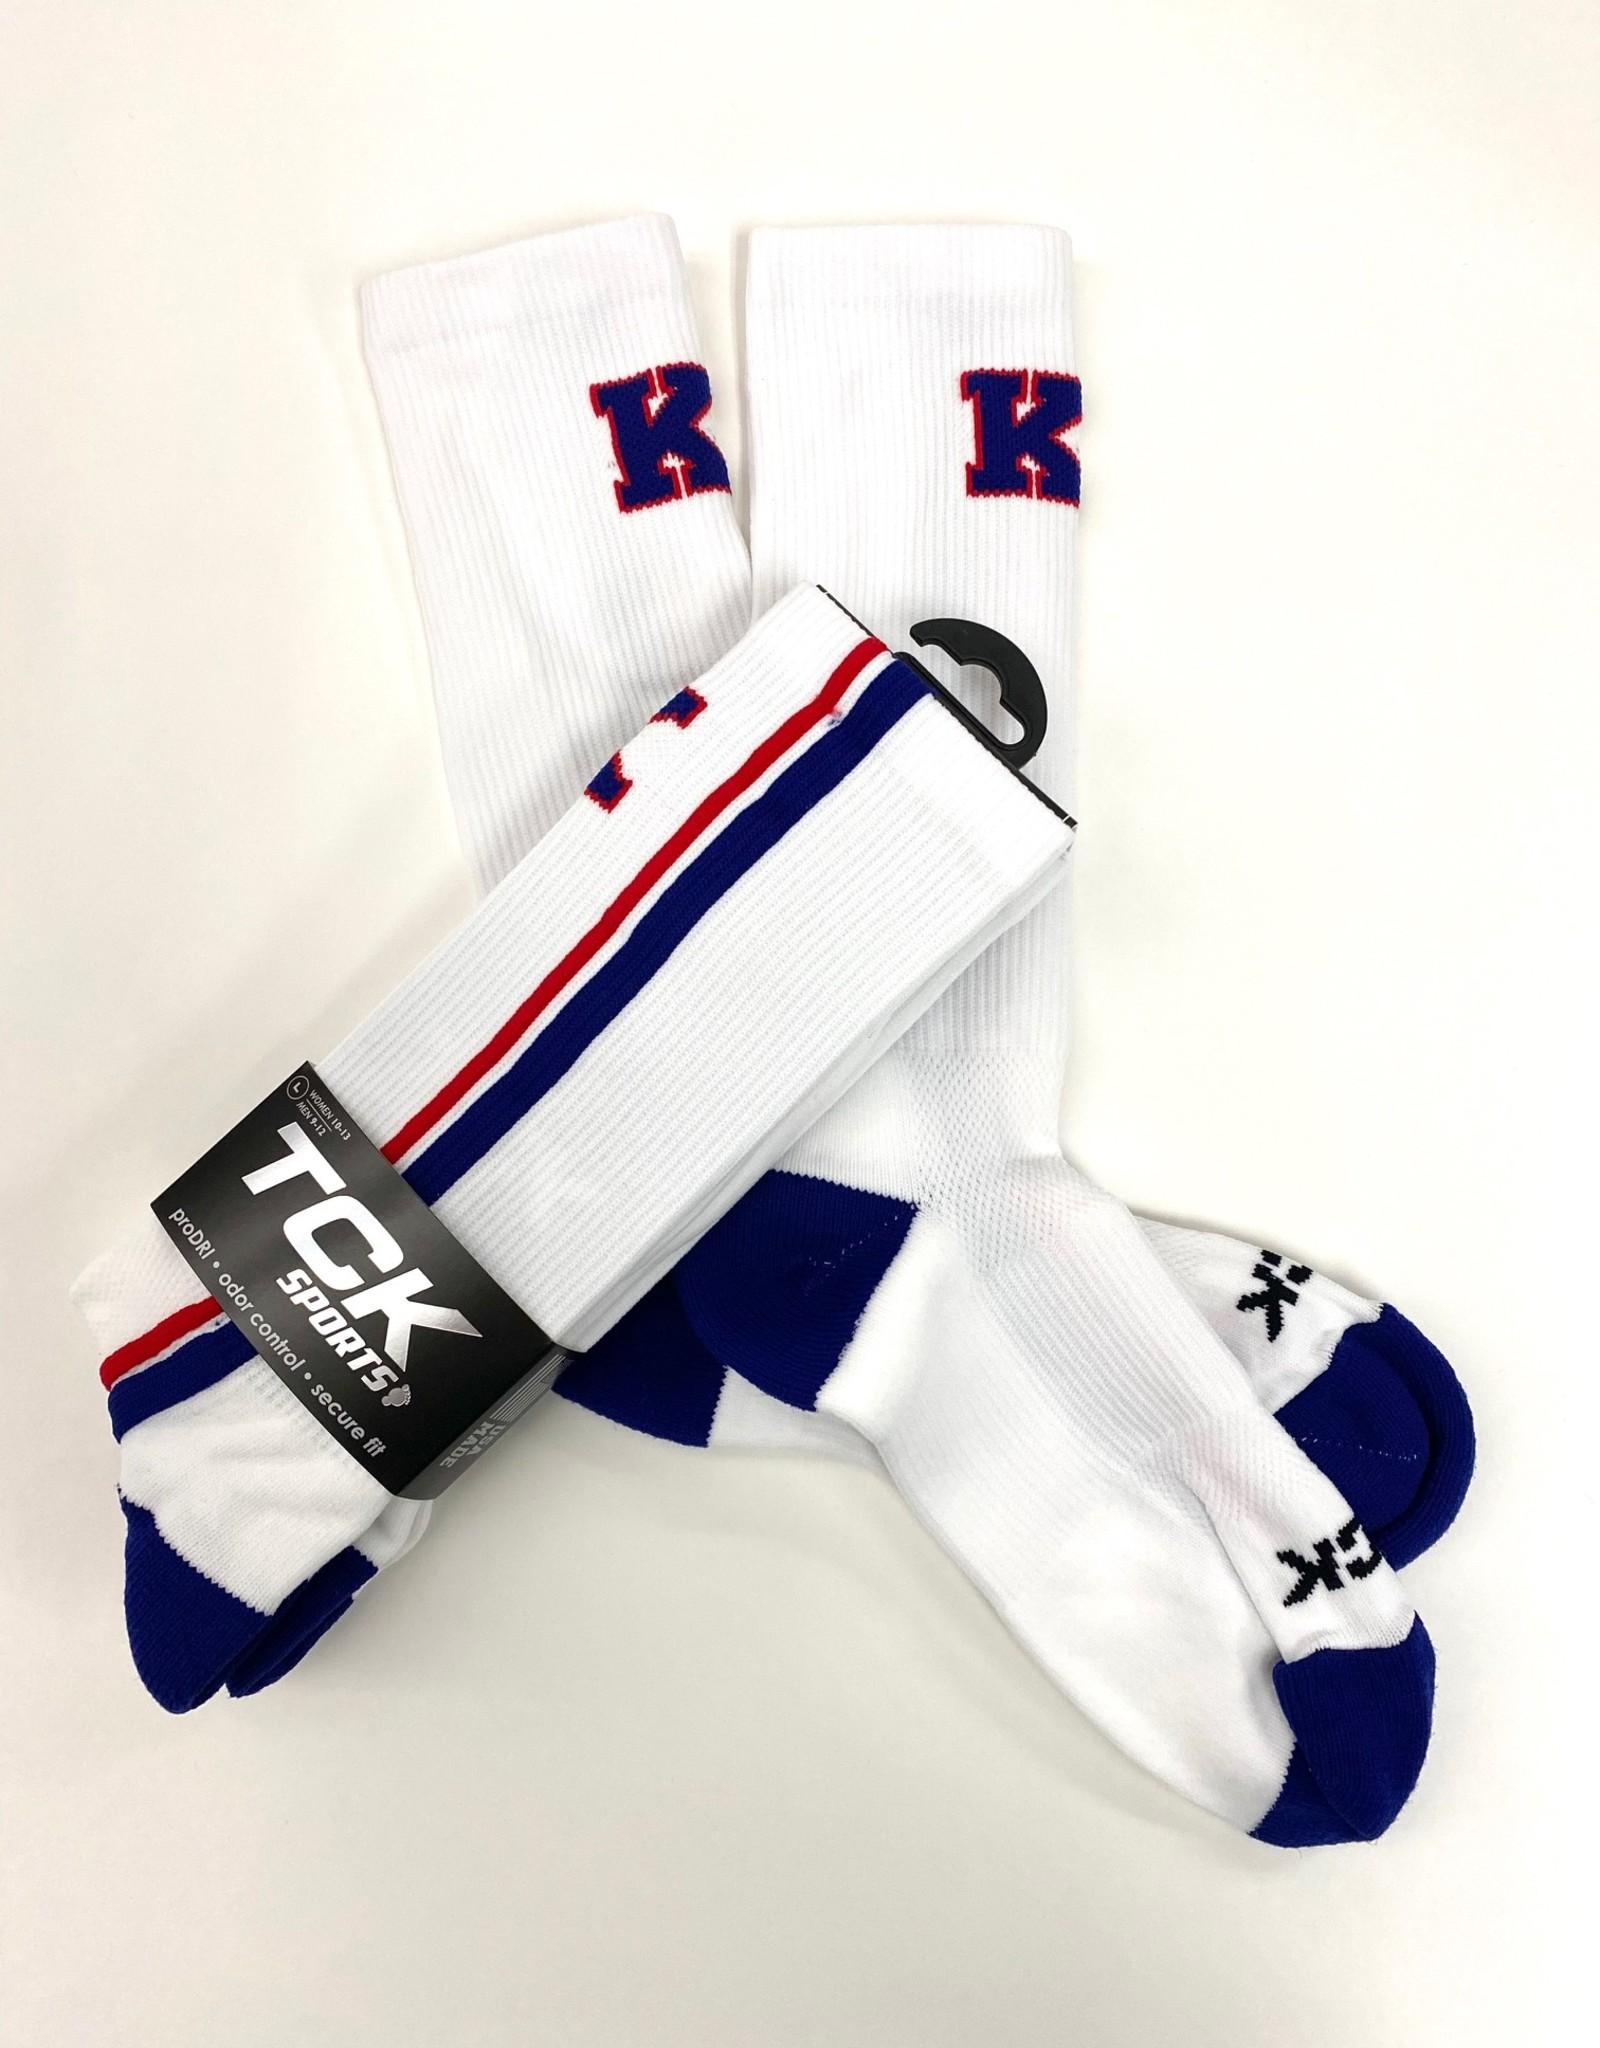 TCK TCK Socks: Double Stripes w/ K